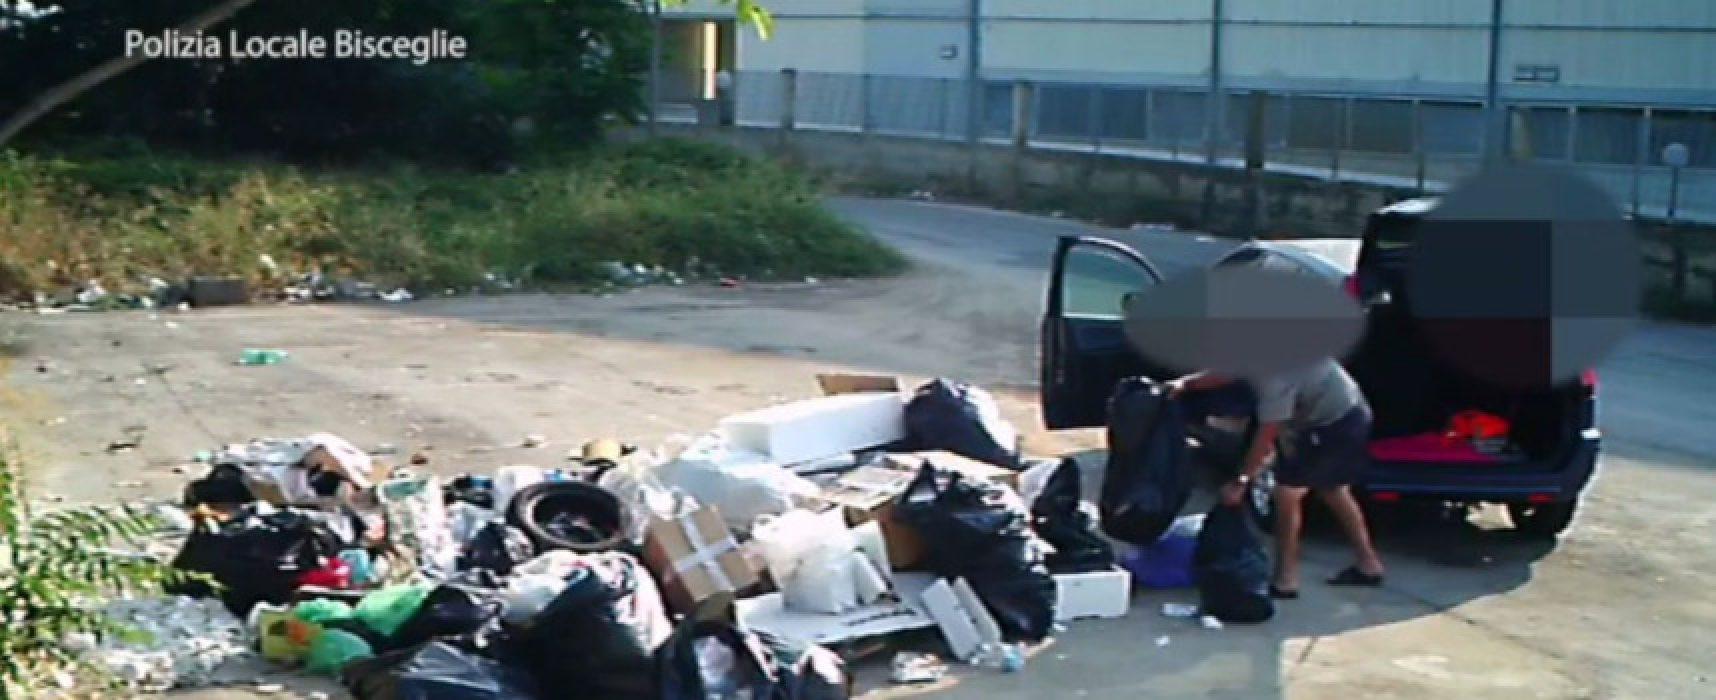 Abbandono rifiuti, scovati venti incivili grazie alle foto-trappole / VIDEO